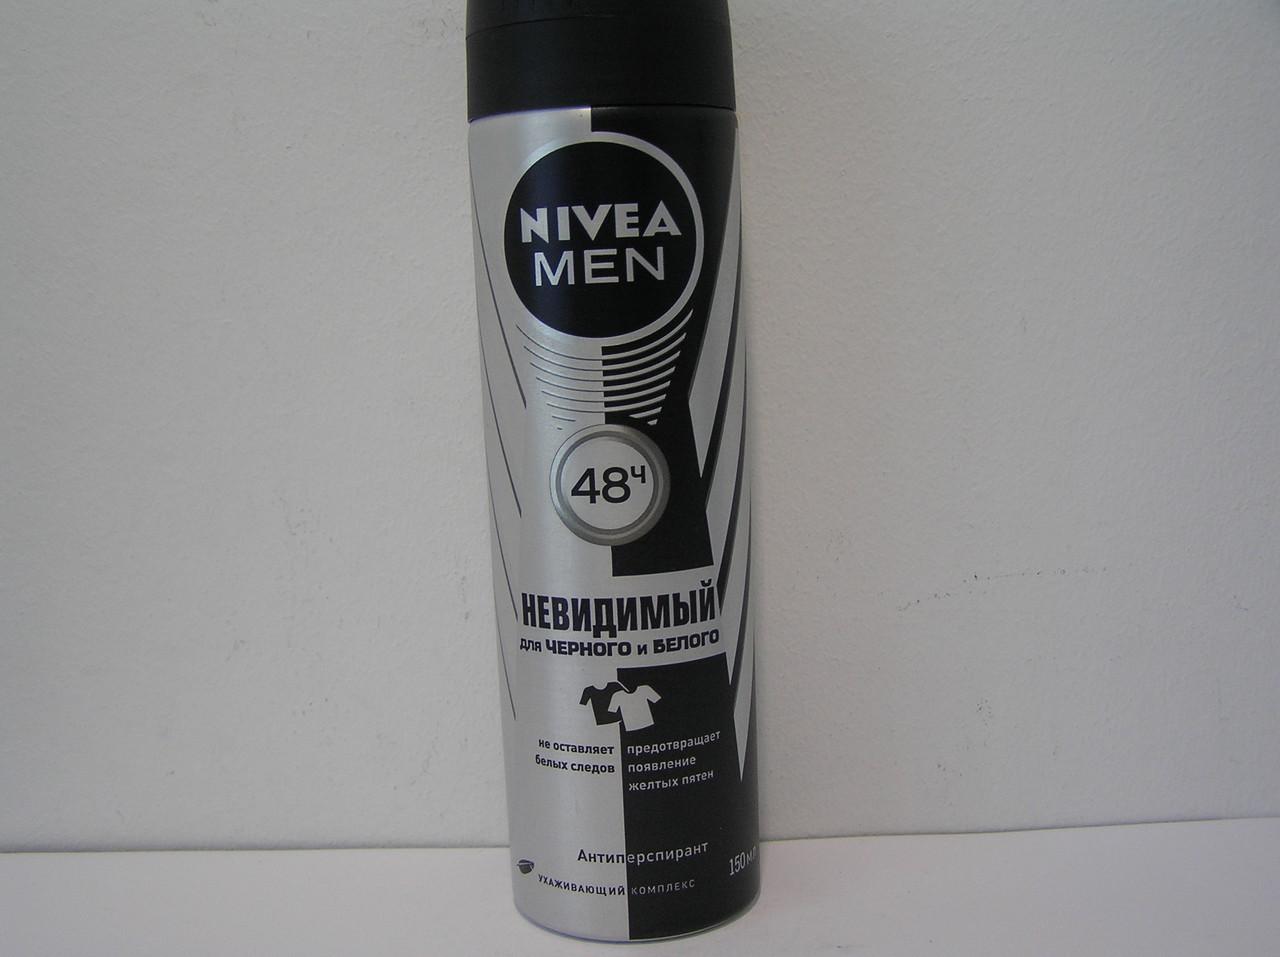 Аэрозольный дезодорант Nivea Невидимый для черного и белого 150 мл.